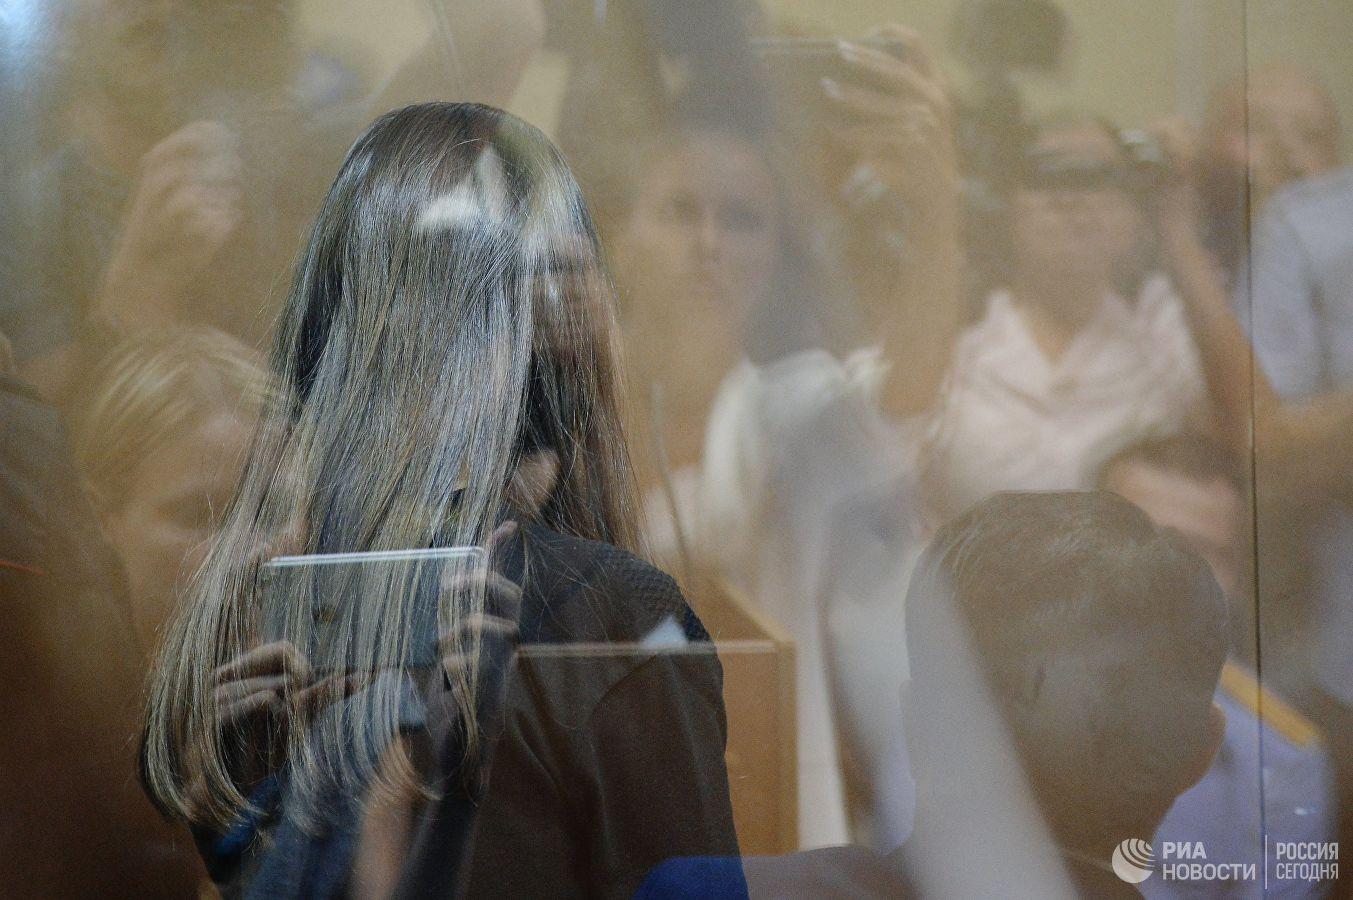 Официальная позиция адвокатов по делу сестёр Хачатурян